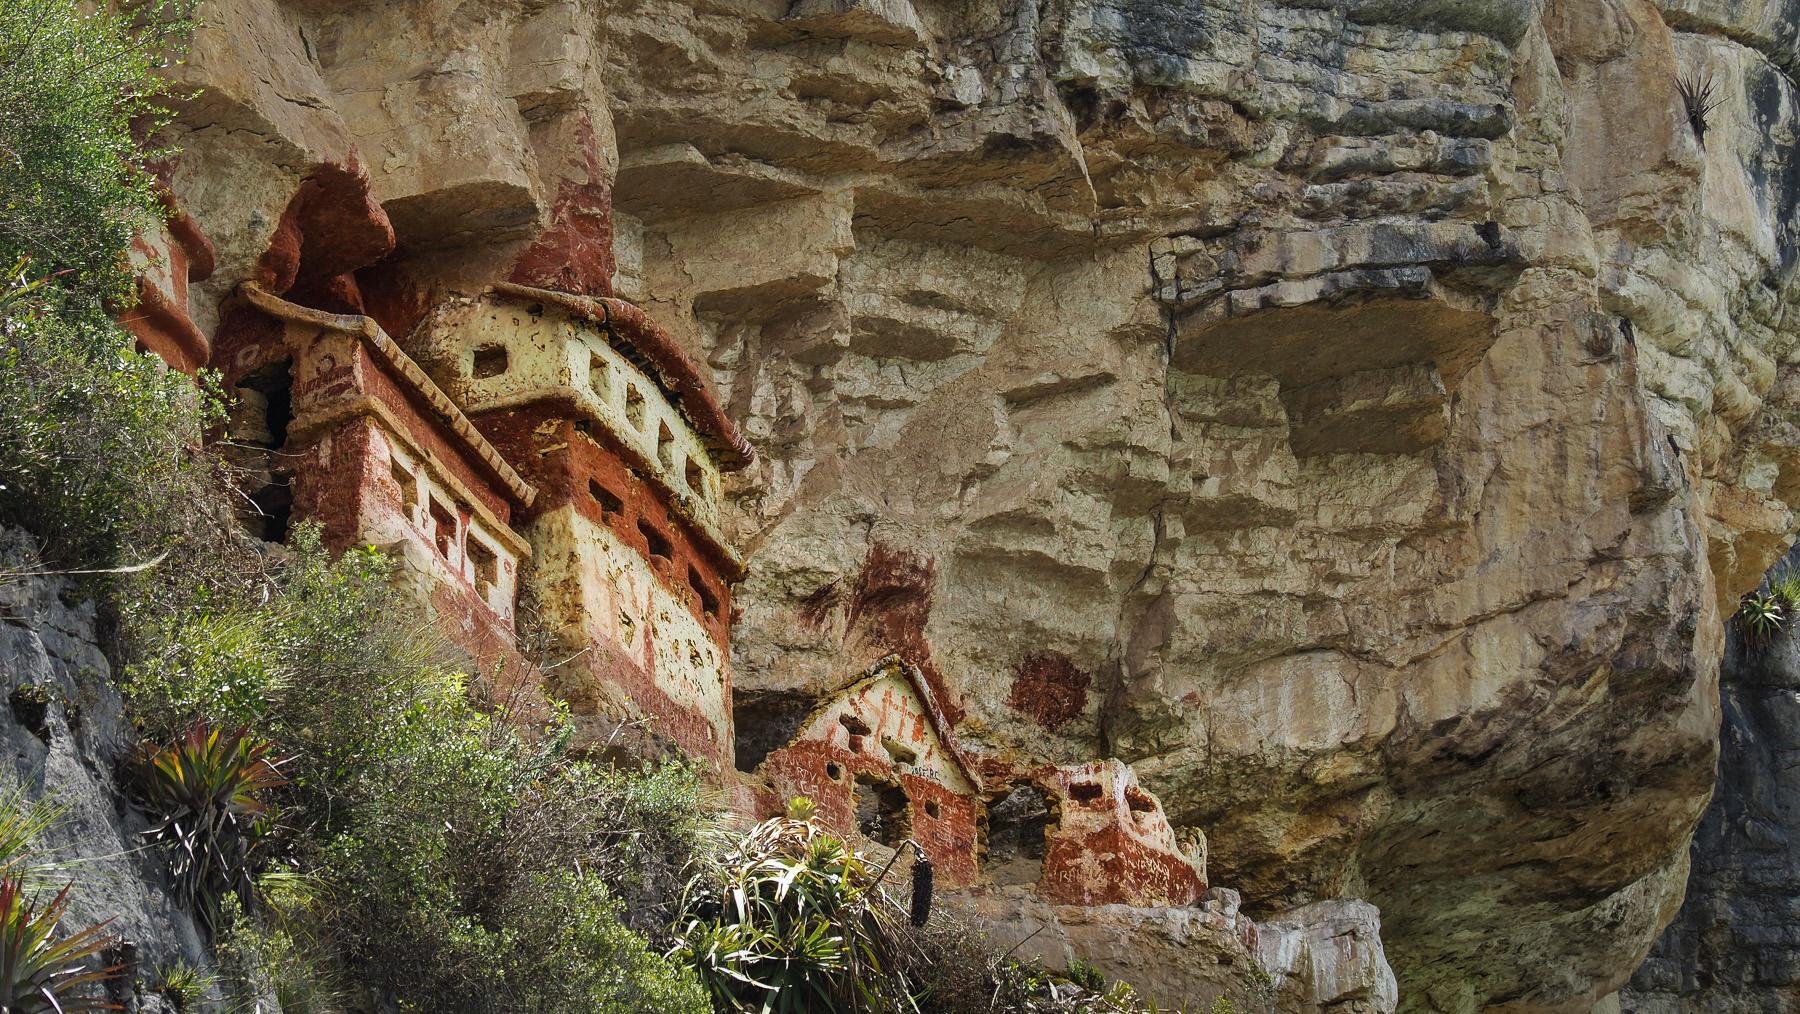 Die aus Holz und Lehm in Felsüberhänge gebauten Häuschen sind etwa 800 Jahre alt